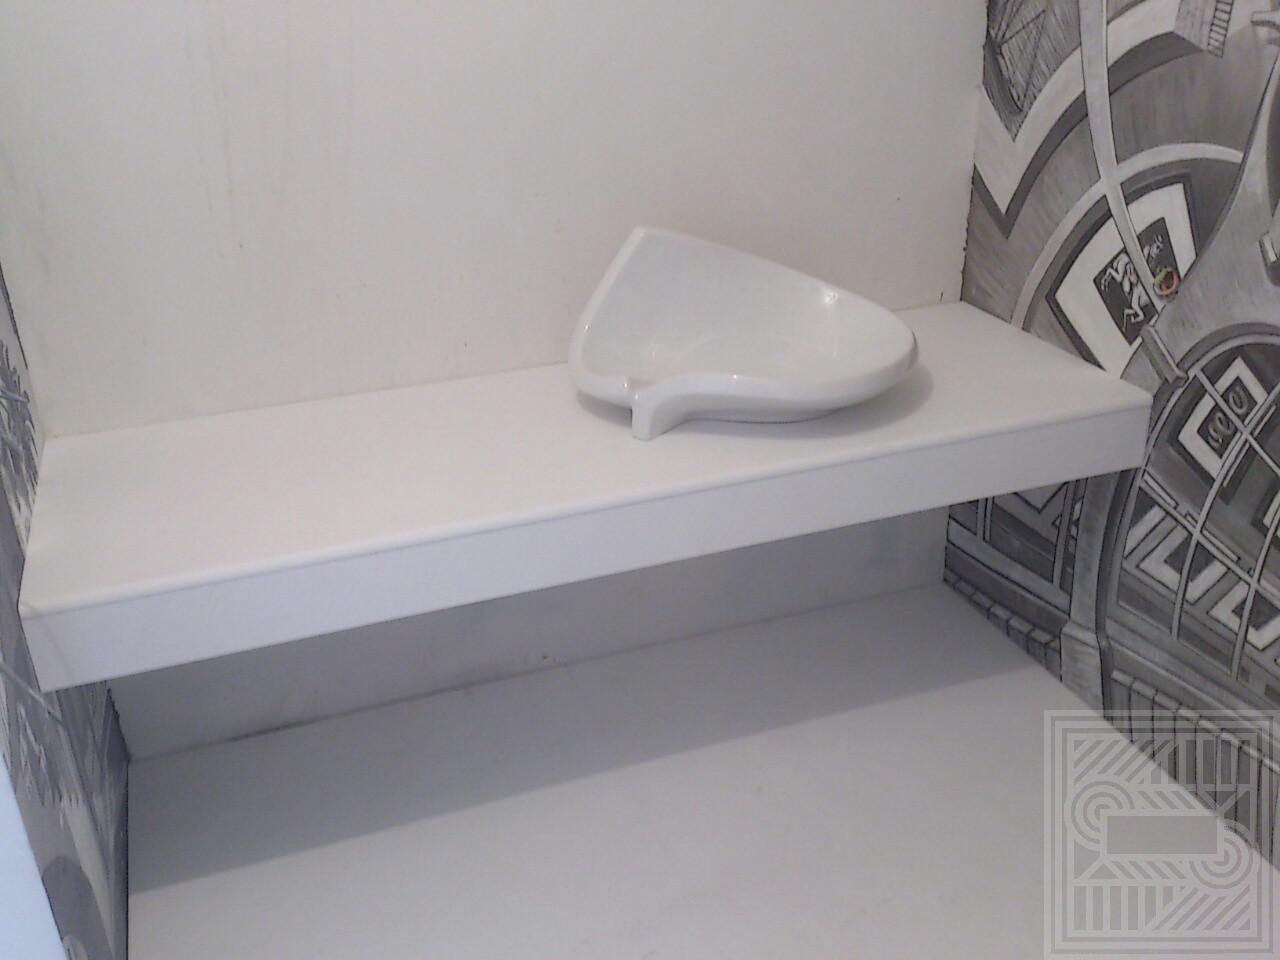 Столешница из мрамора Thassos worktop-marble - Stoleshnitsa iz mramora Thassos